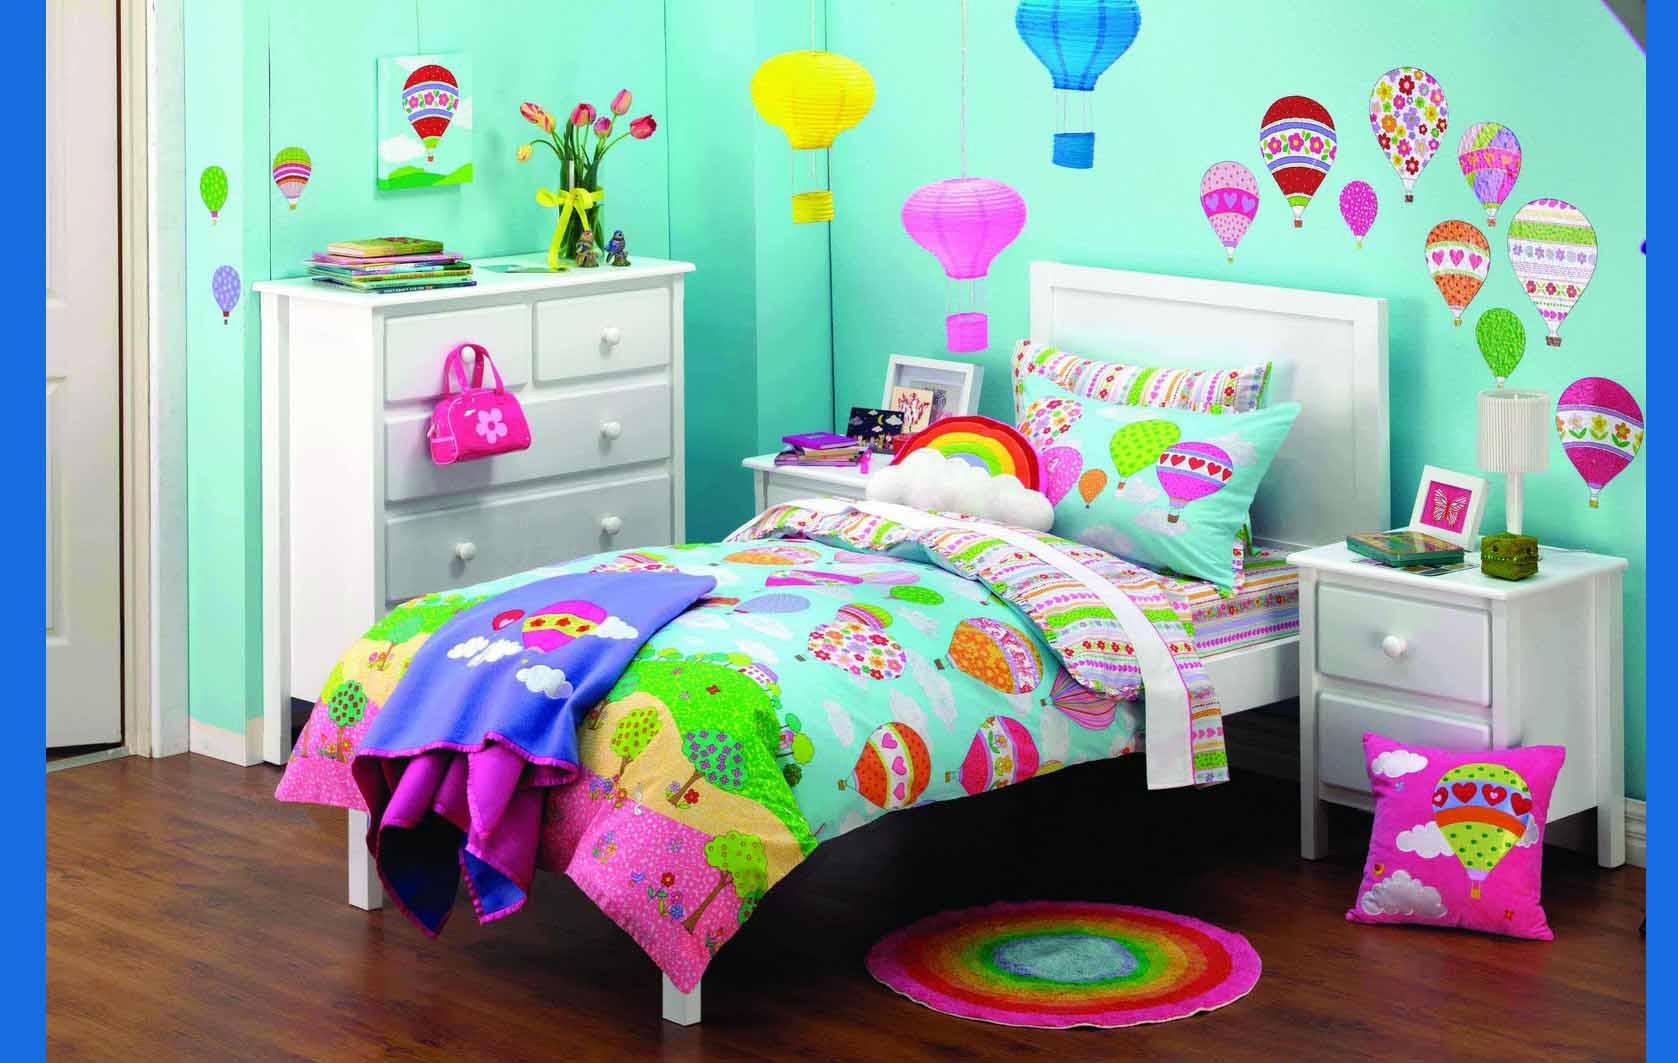 Desain Kamar Tidur Anak Perempuan Minimalis Desain Kamar Anak Perempuan 1678x1063 Download Hd Wallpaper Wallpapertip